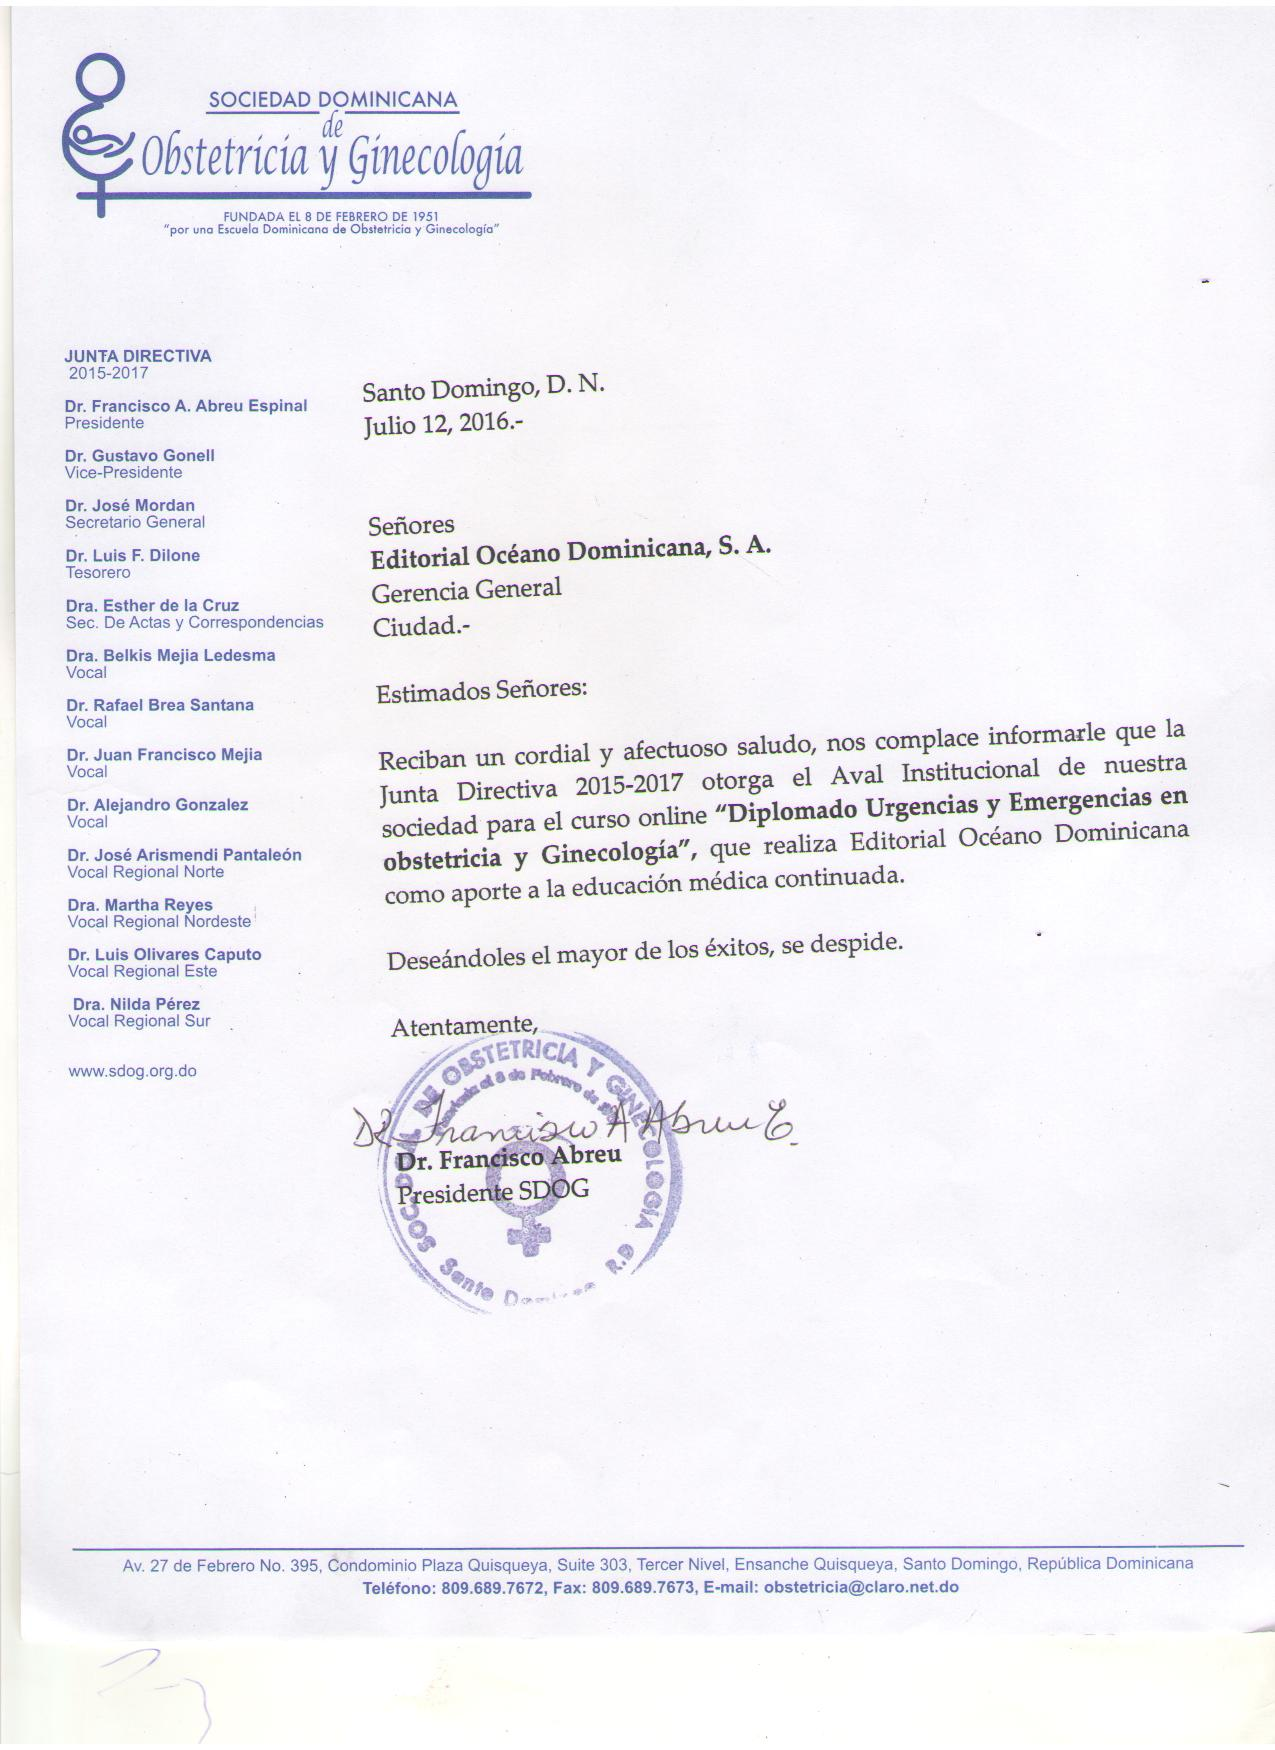 DOC. JHERNANDEZ 006